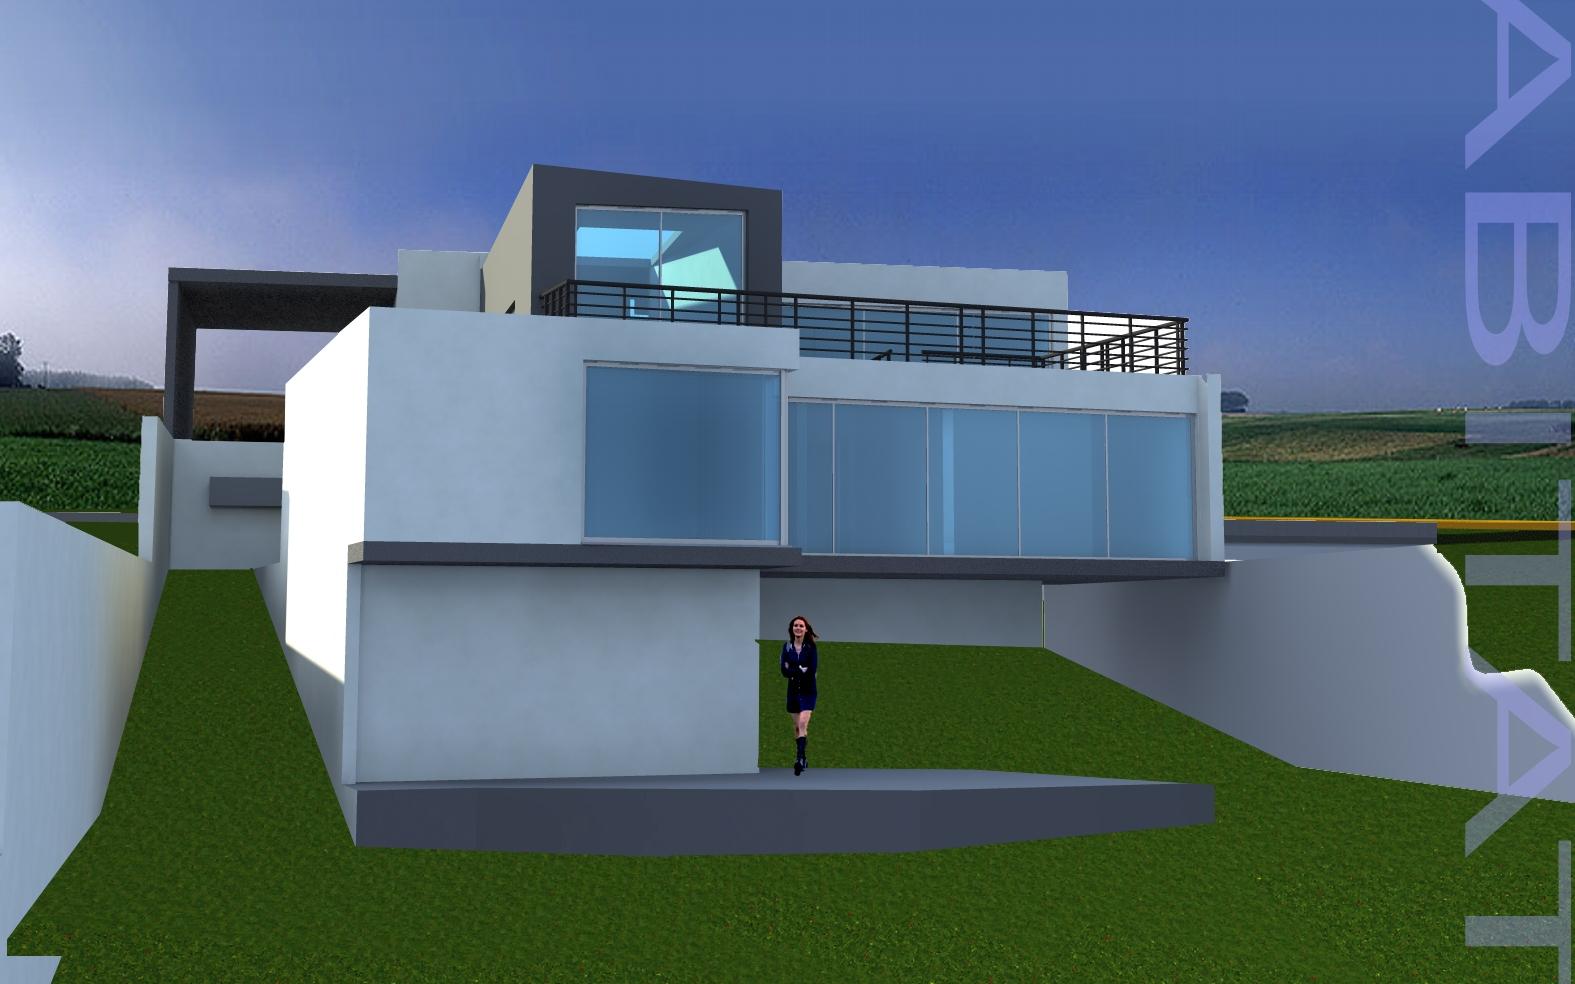 Spaci0 entorno habitar proyecto de casa habitacion con - Proyectos de casa ...